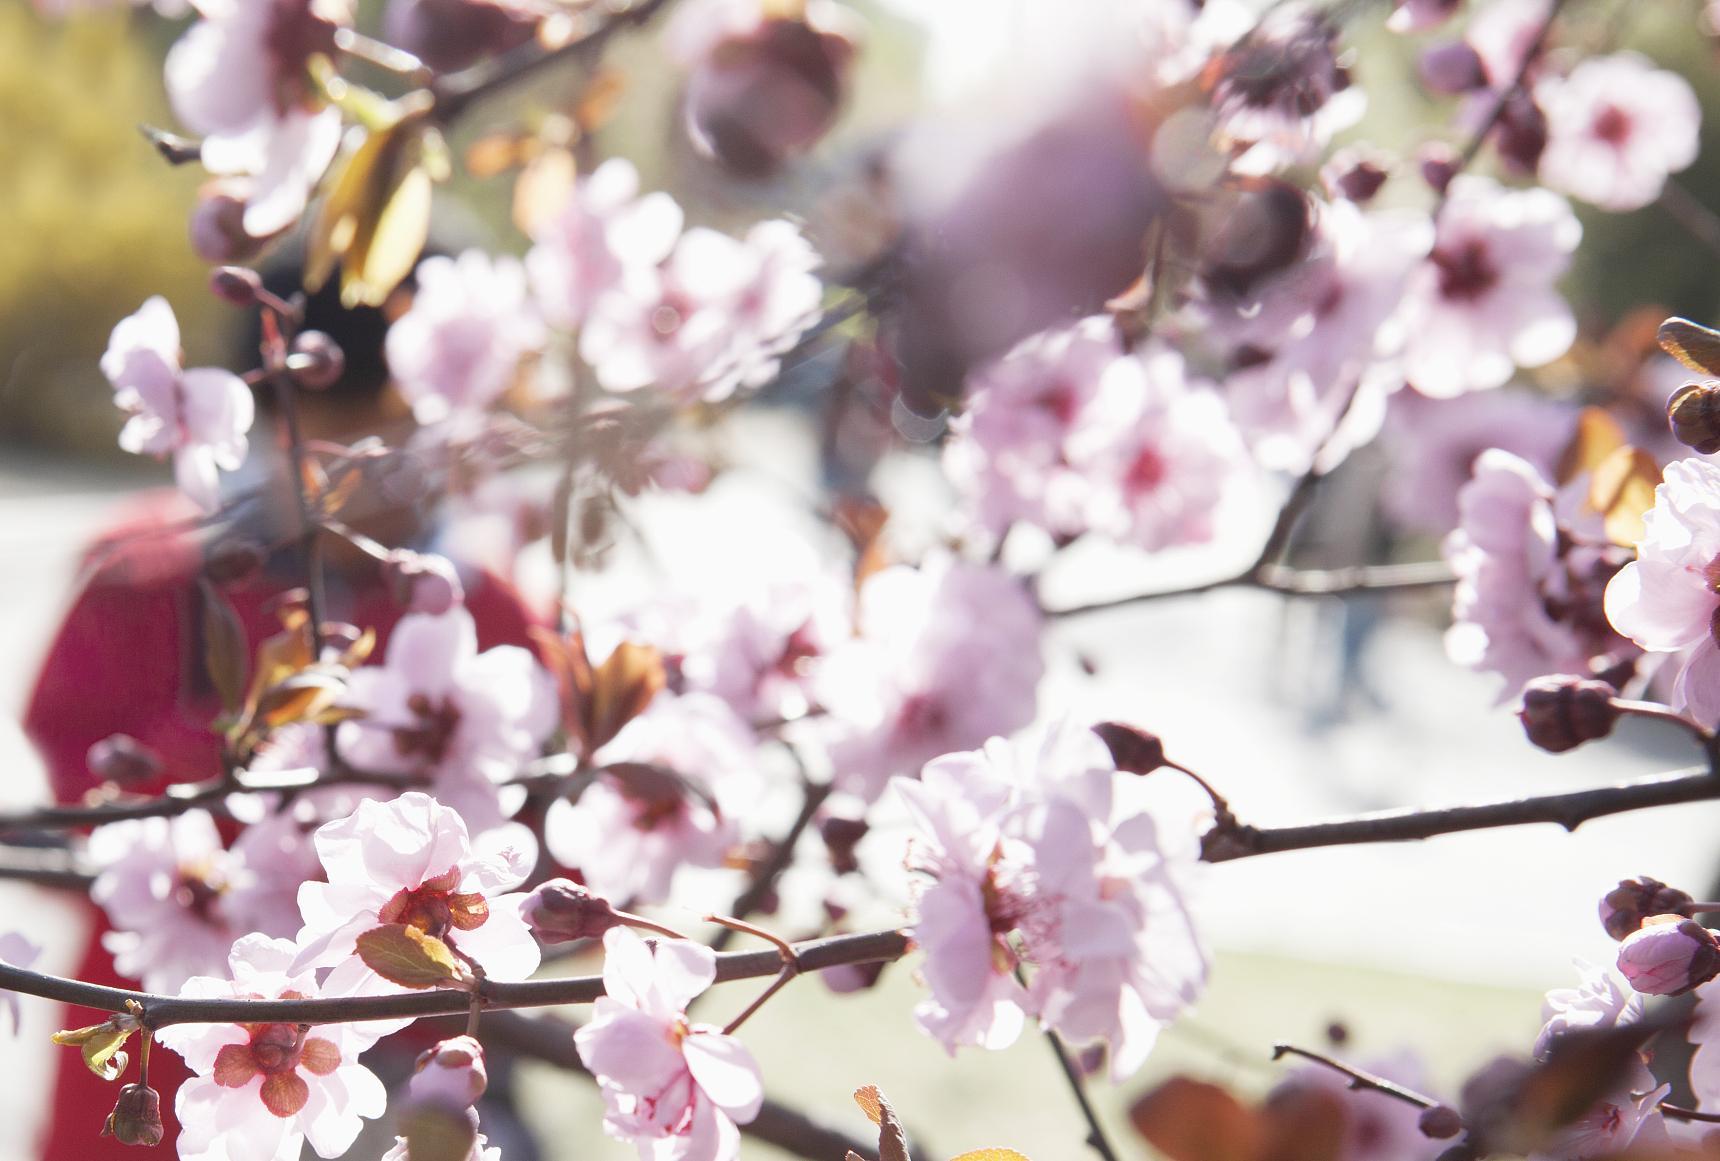 成都人买花将有新去处!锦城绿道沿线10个点位将设花市